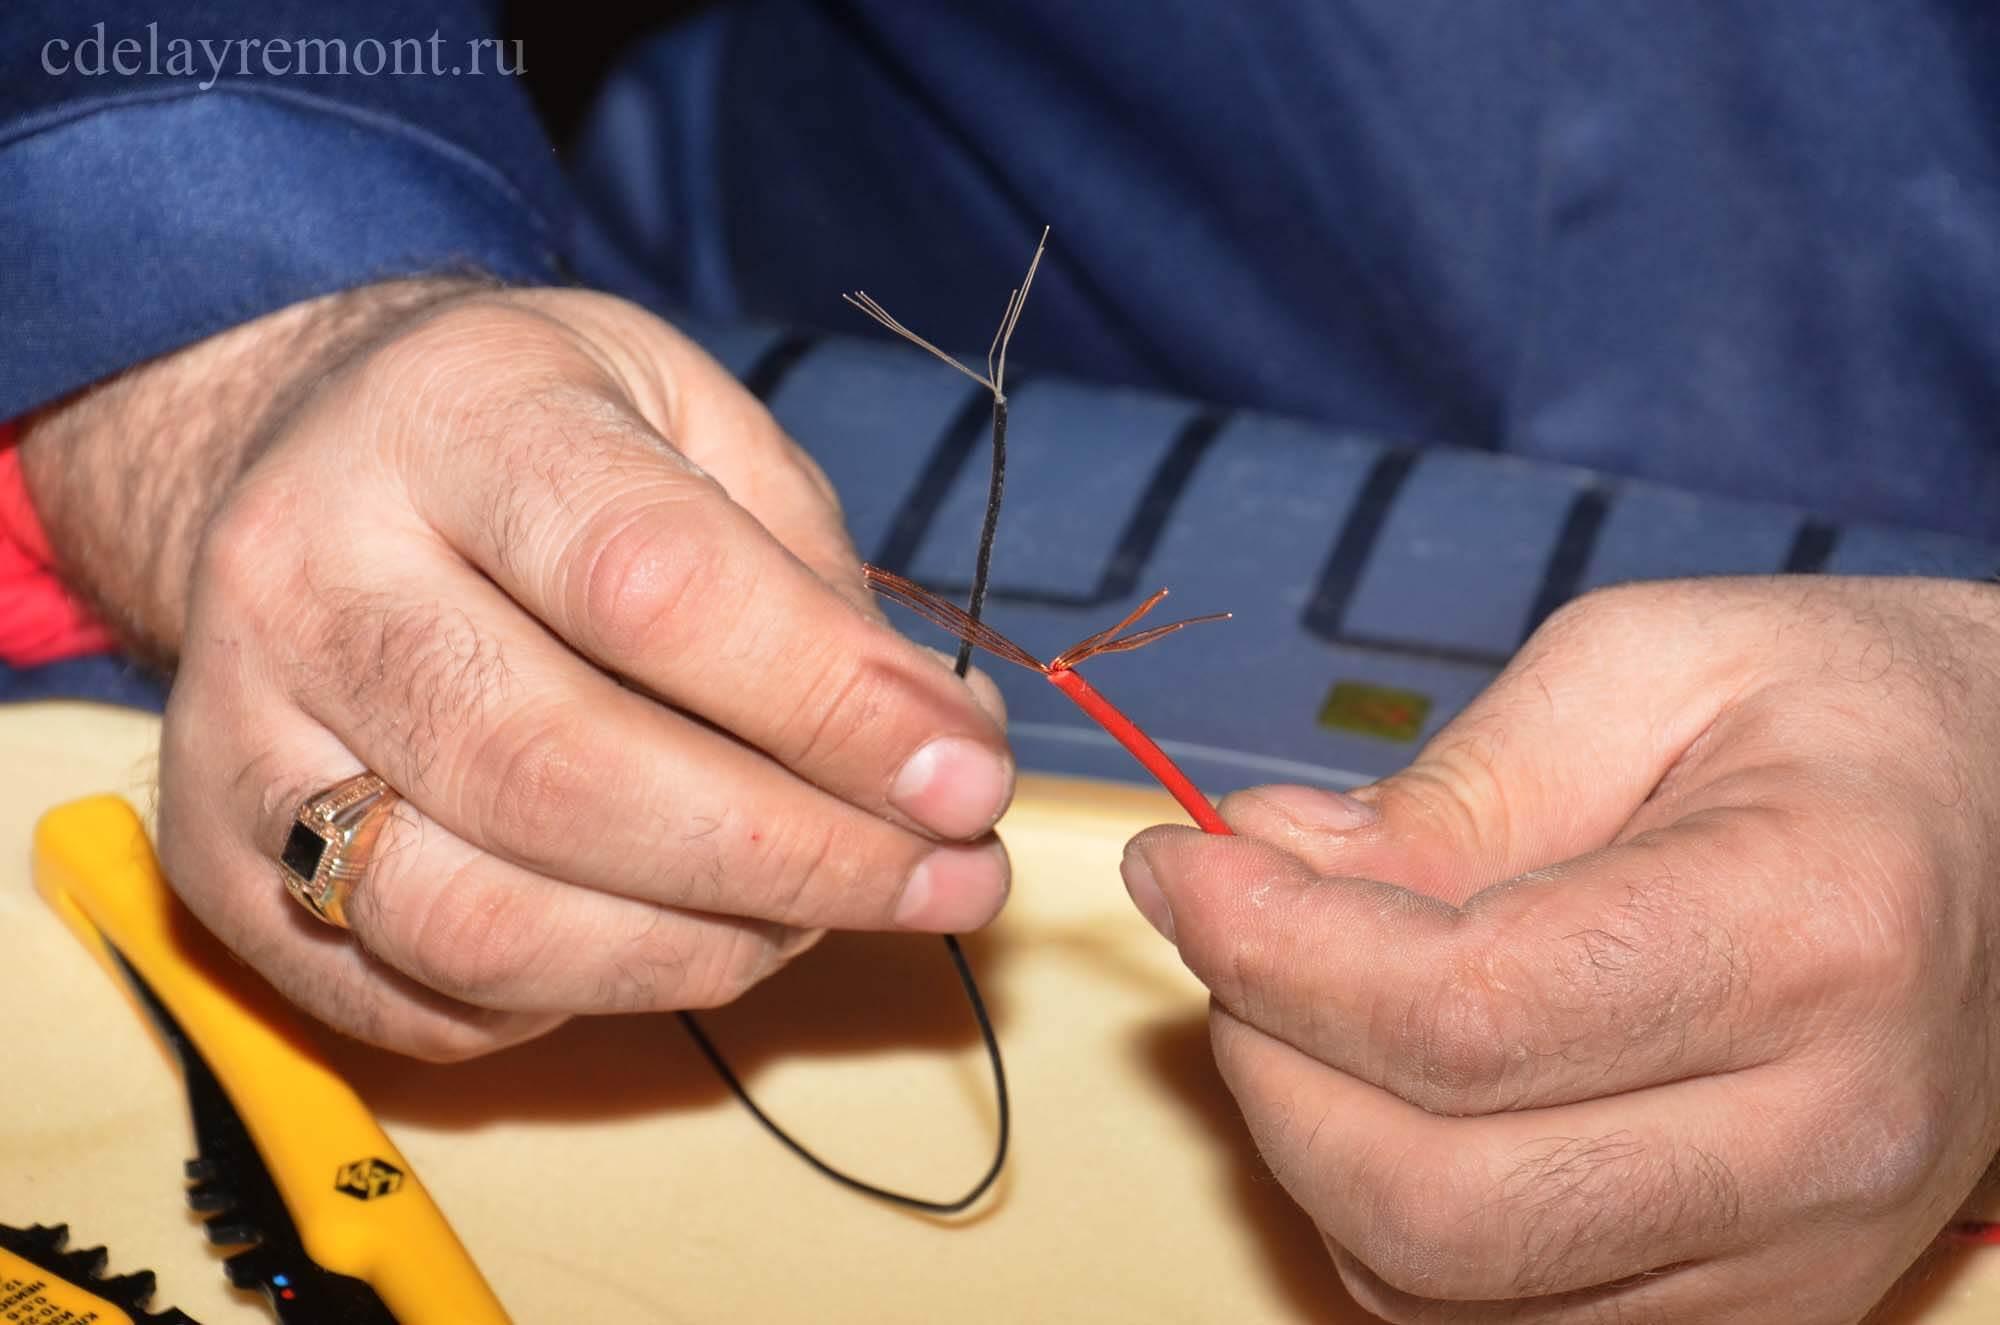 Соединение проводов при монтаже ПЛЭН